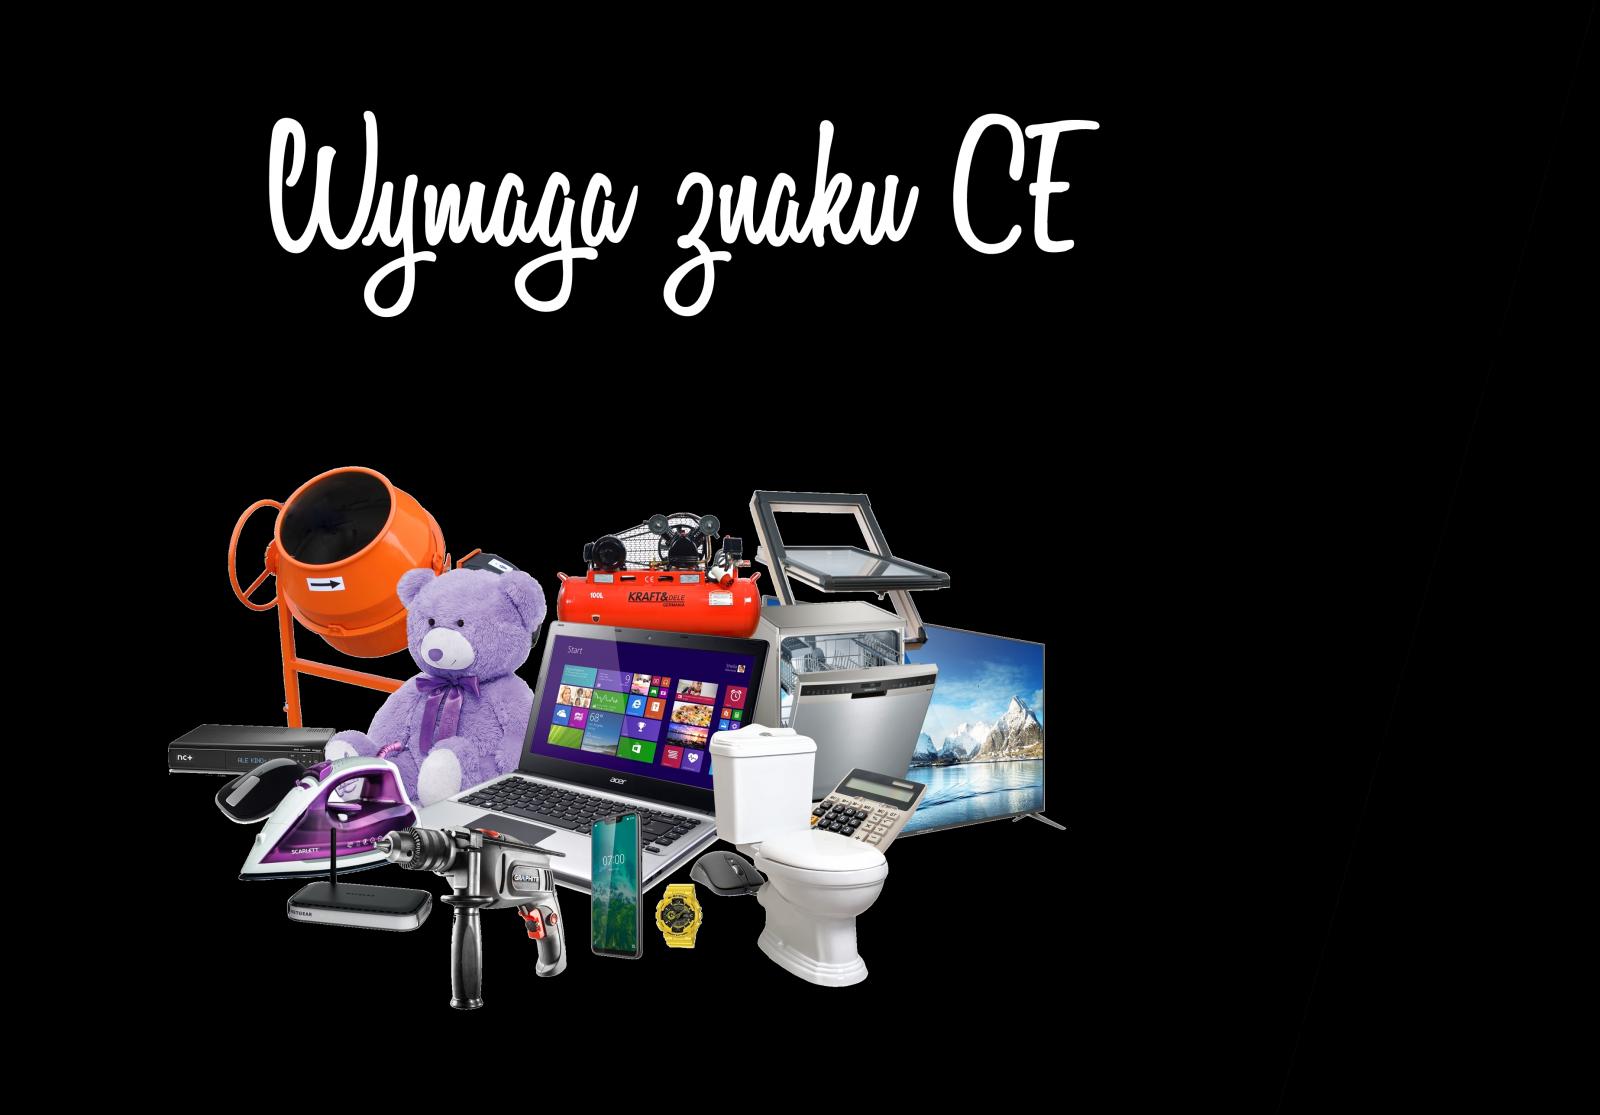 Co wymaga znaku CE?